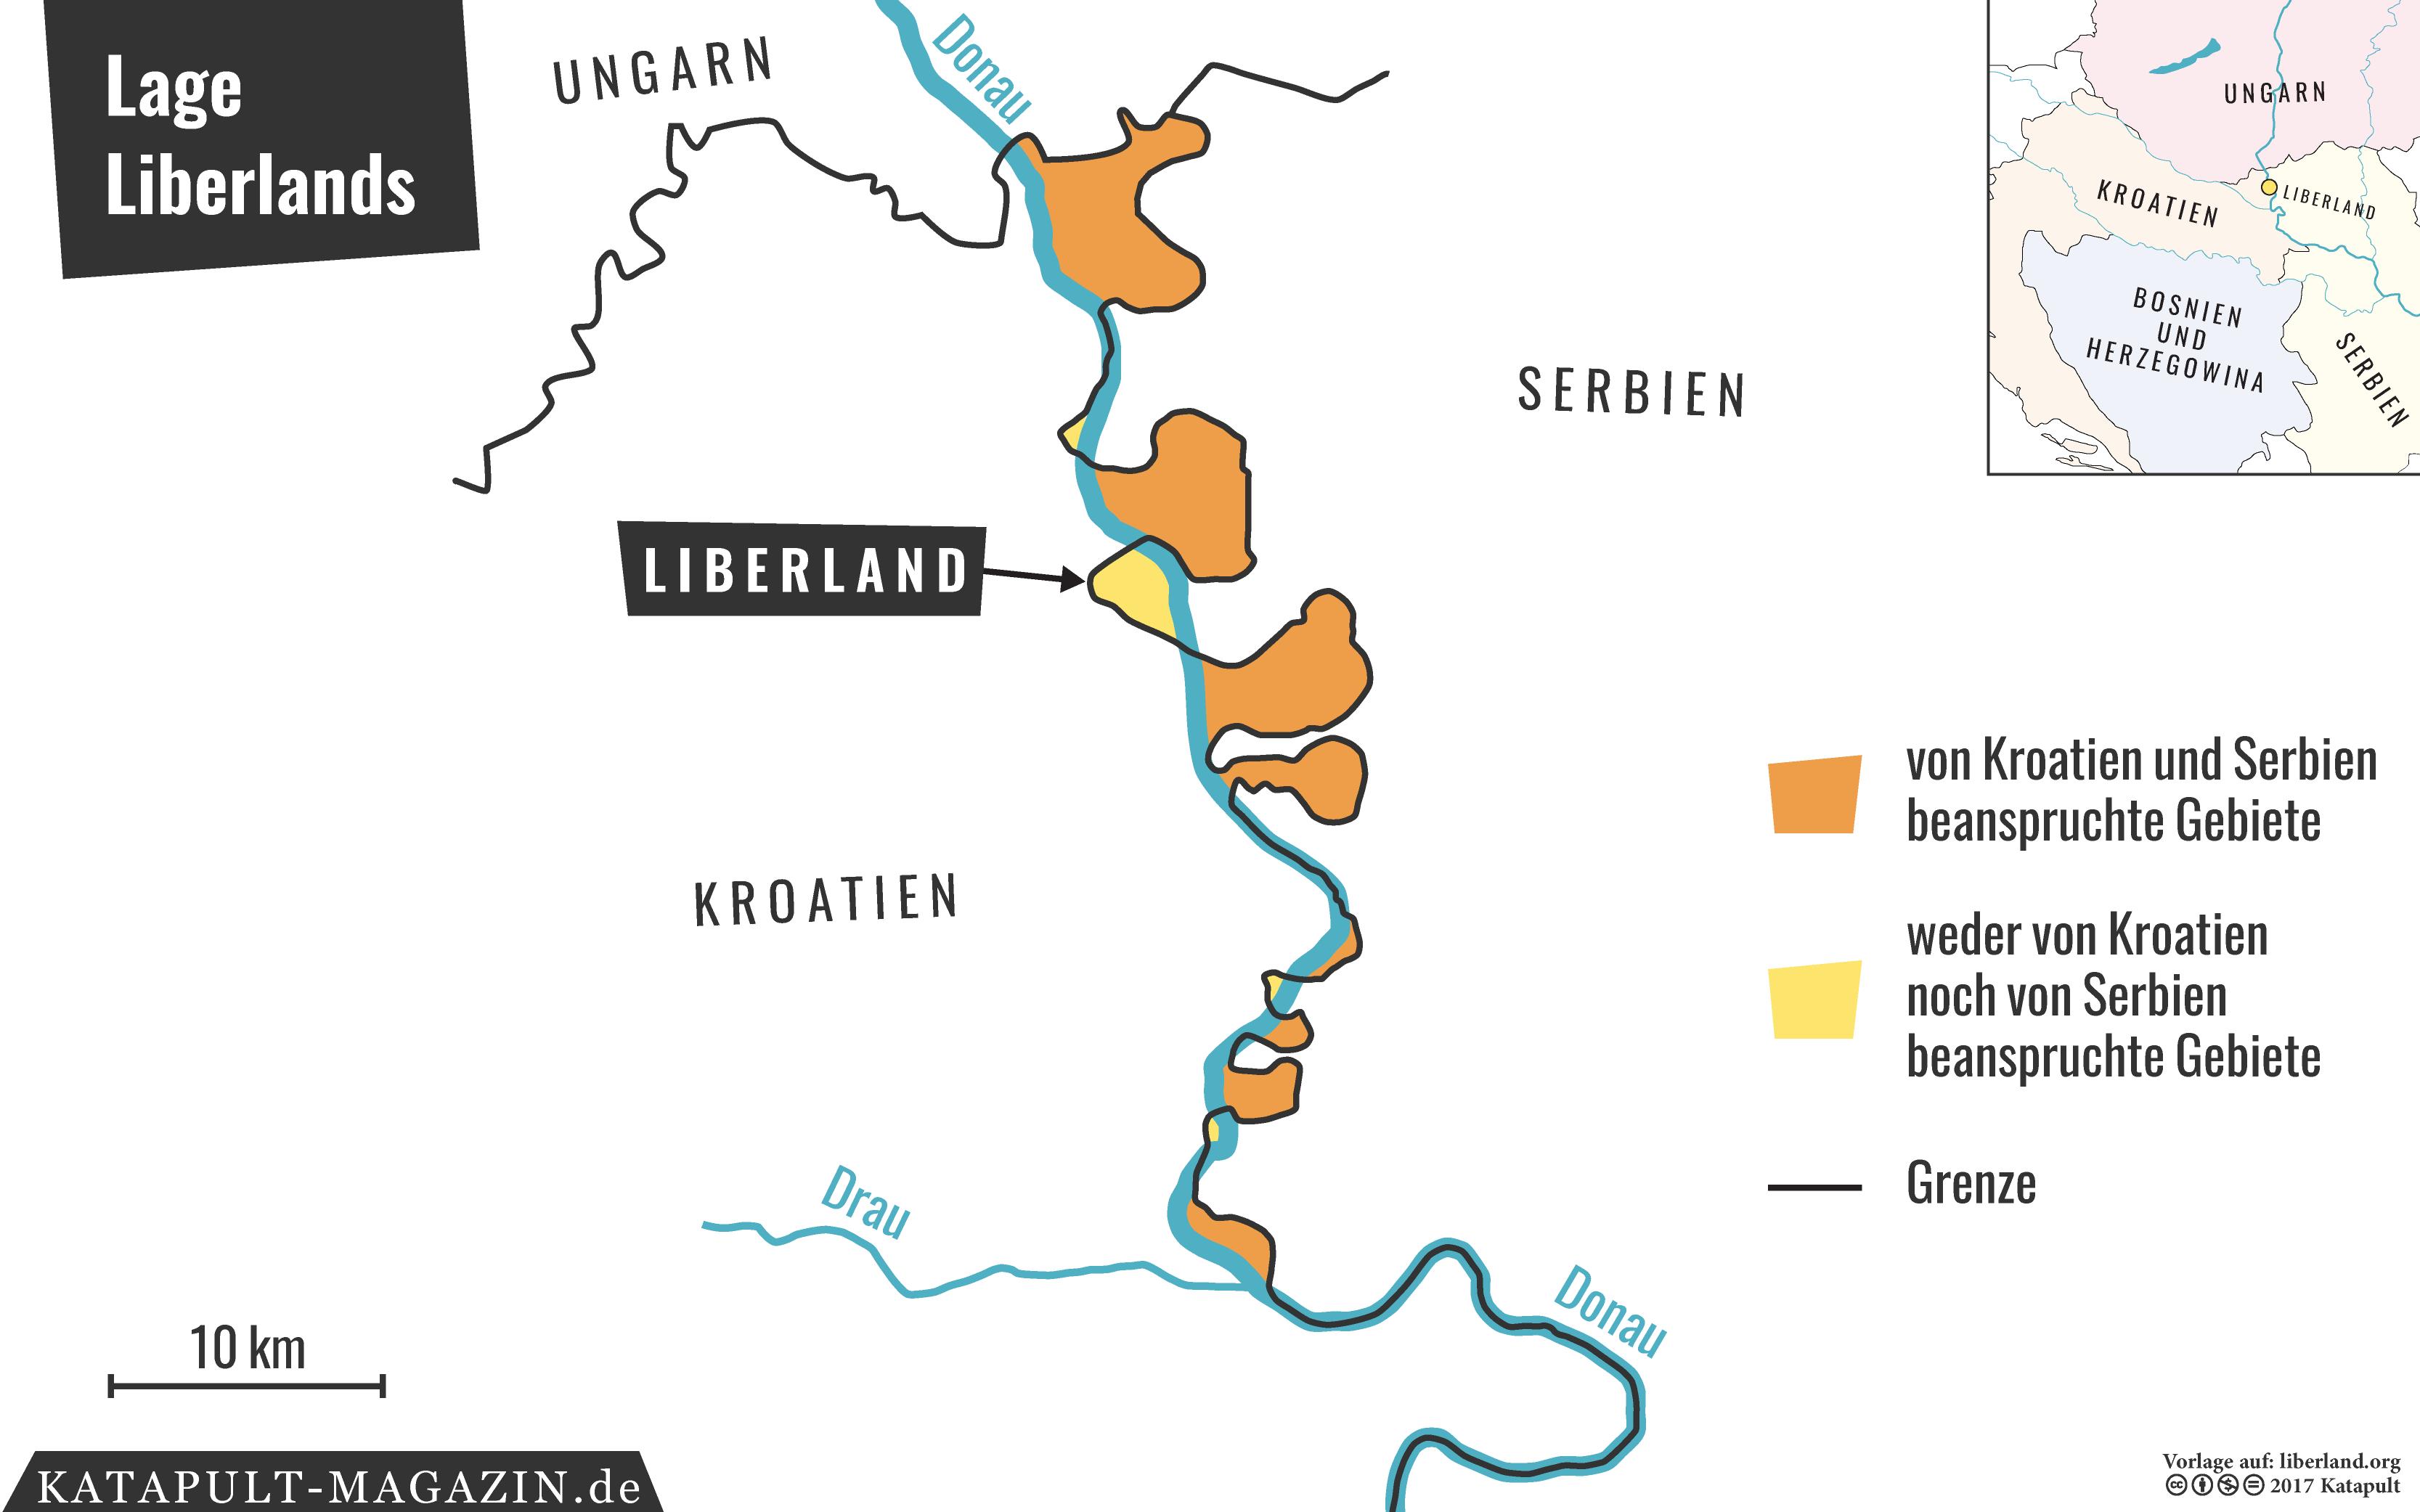 Alte Jugoslawien Karte.Katapult Zutritt Verboten Unbewohnter Mikrostaat Auf Dem